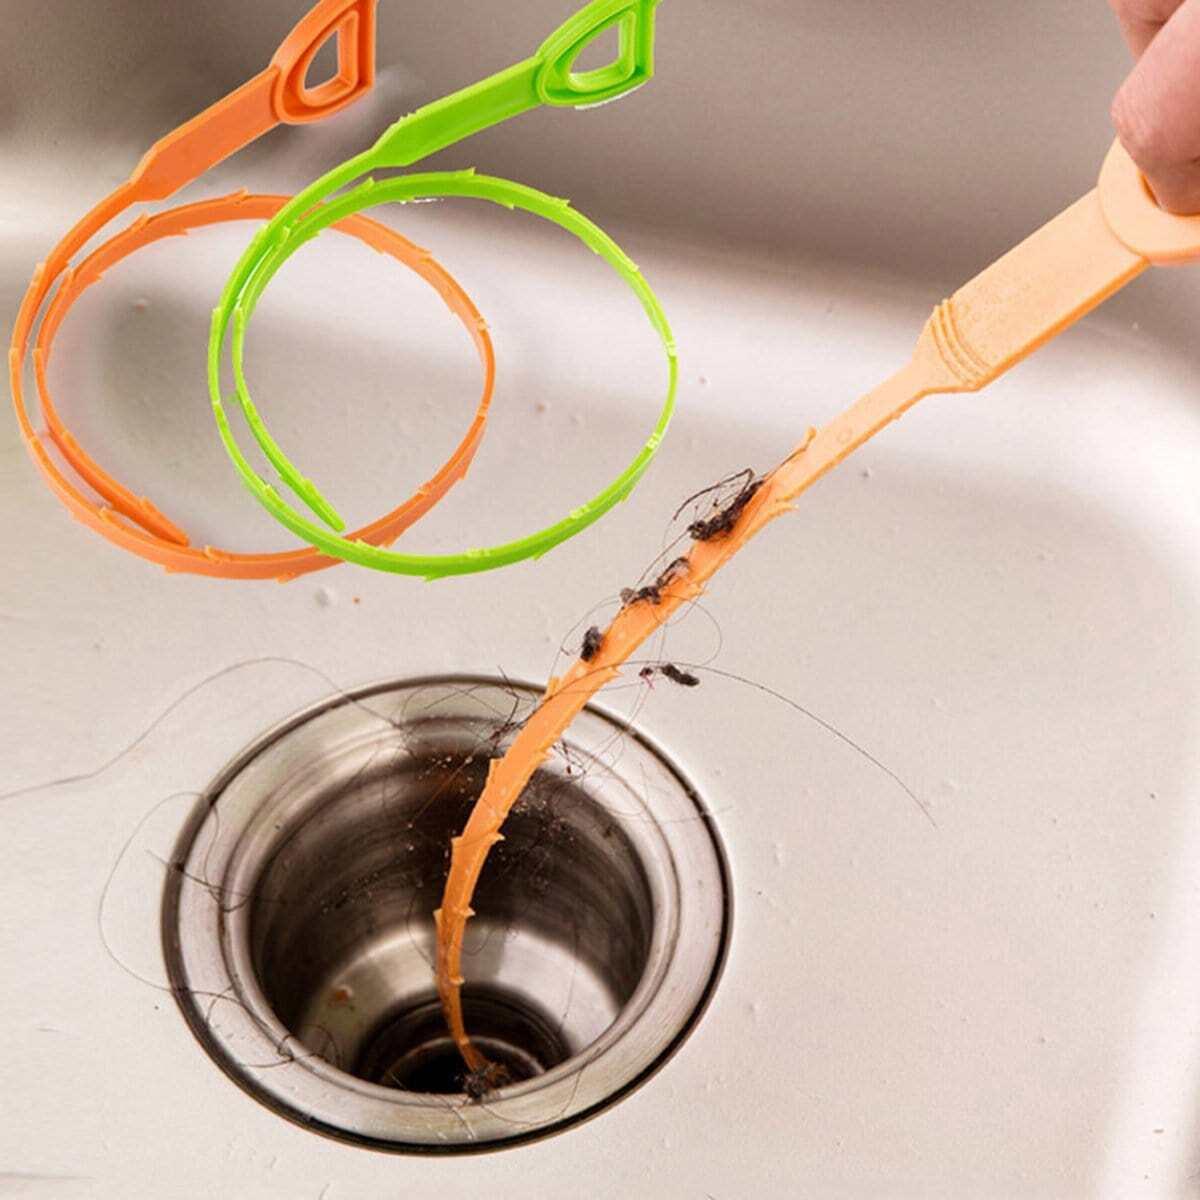 Afvoer schoonmaakspoel willekeurige kleur - 1 stuk